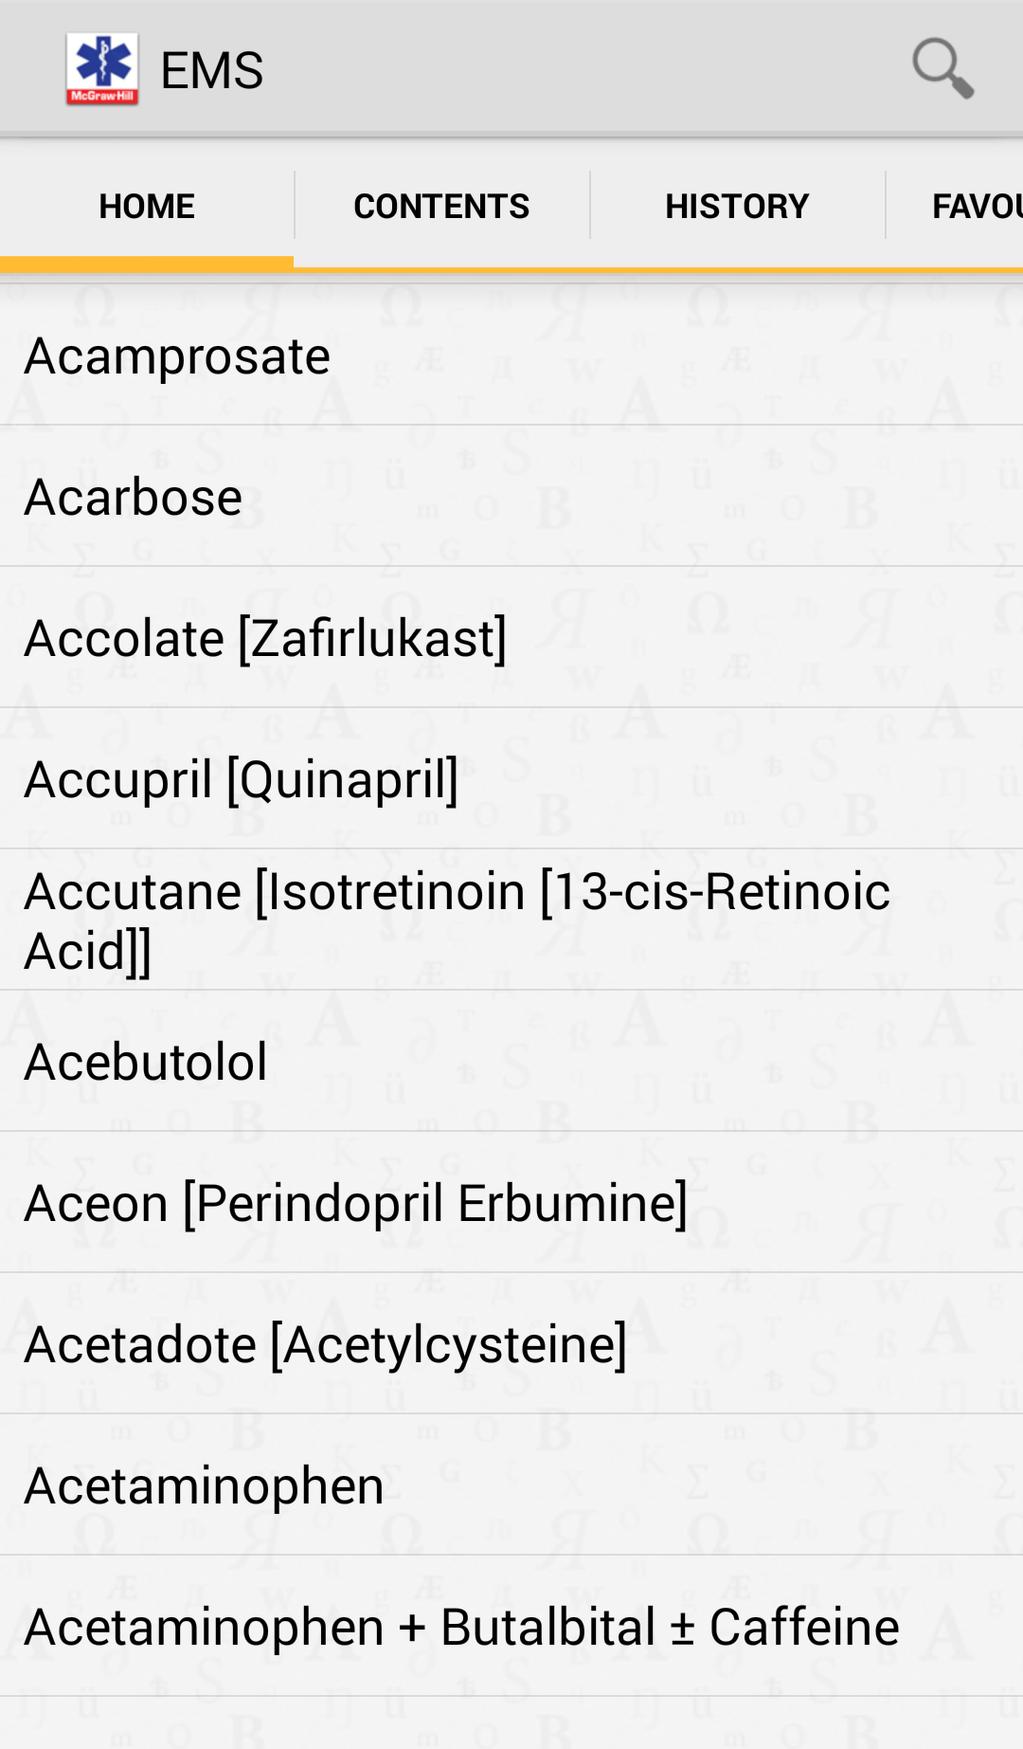 EMS Pocket Drug Guide Screenshot 2